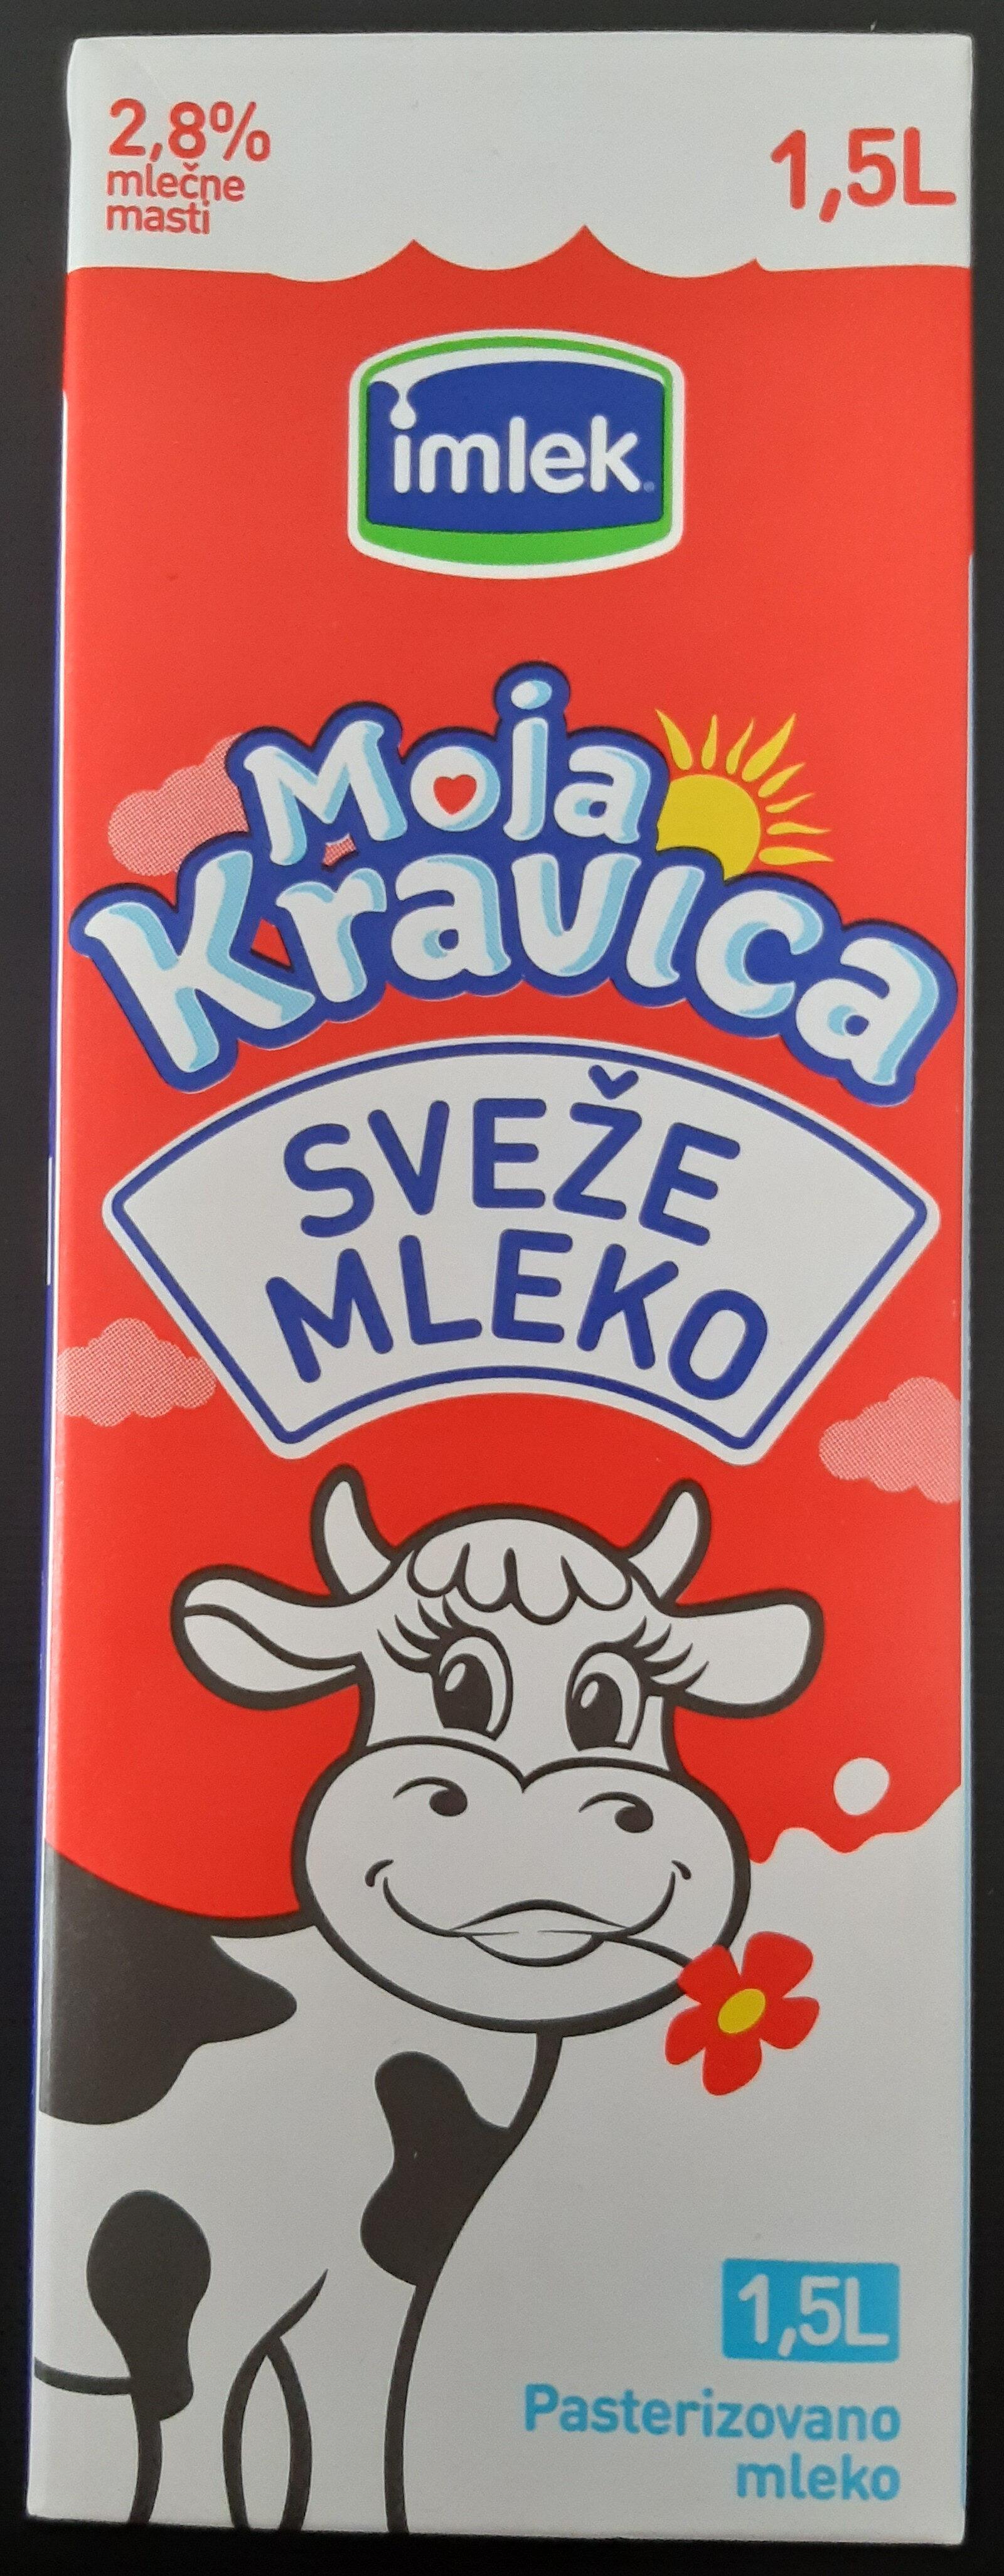 Moja Kravica sveže mleko - Produit - sr